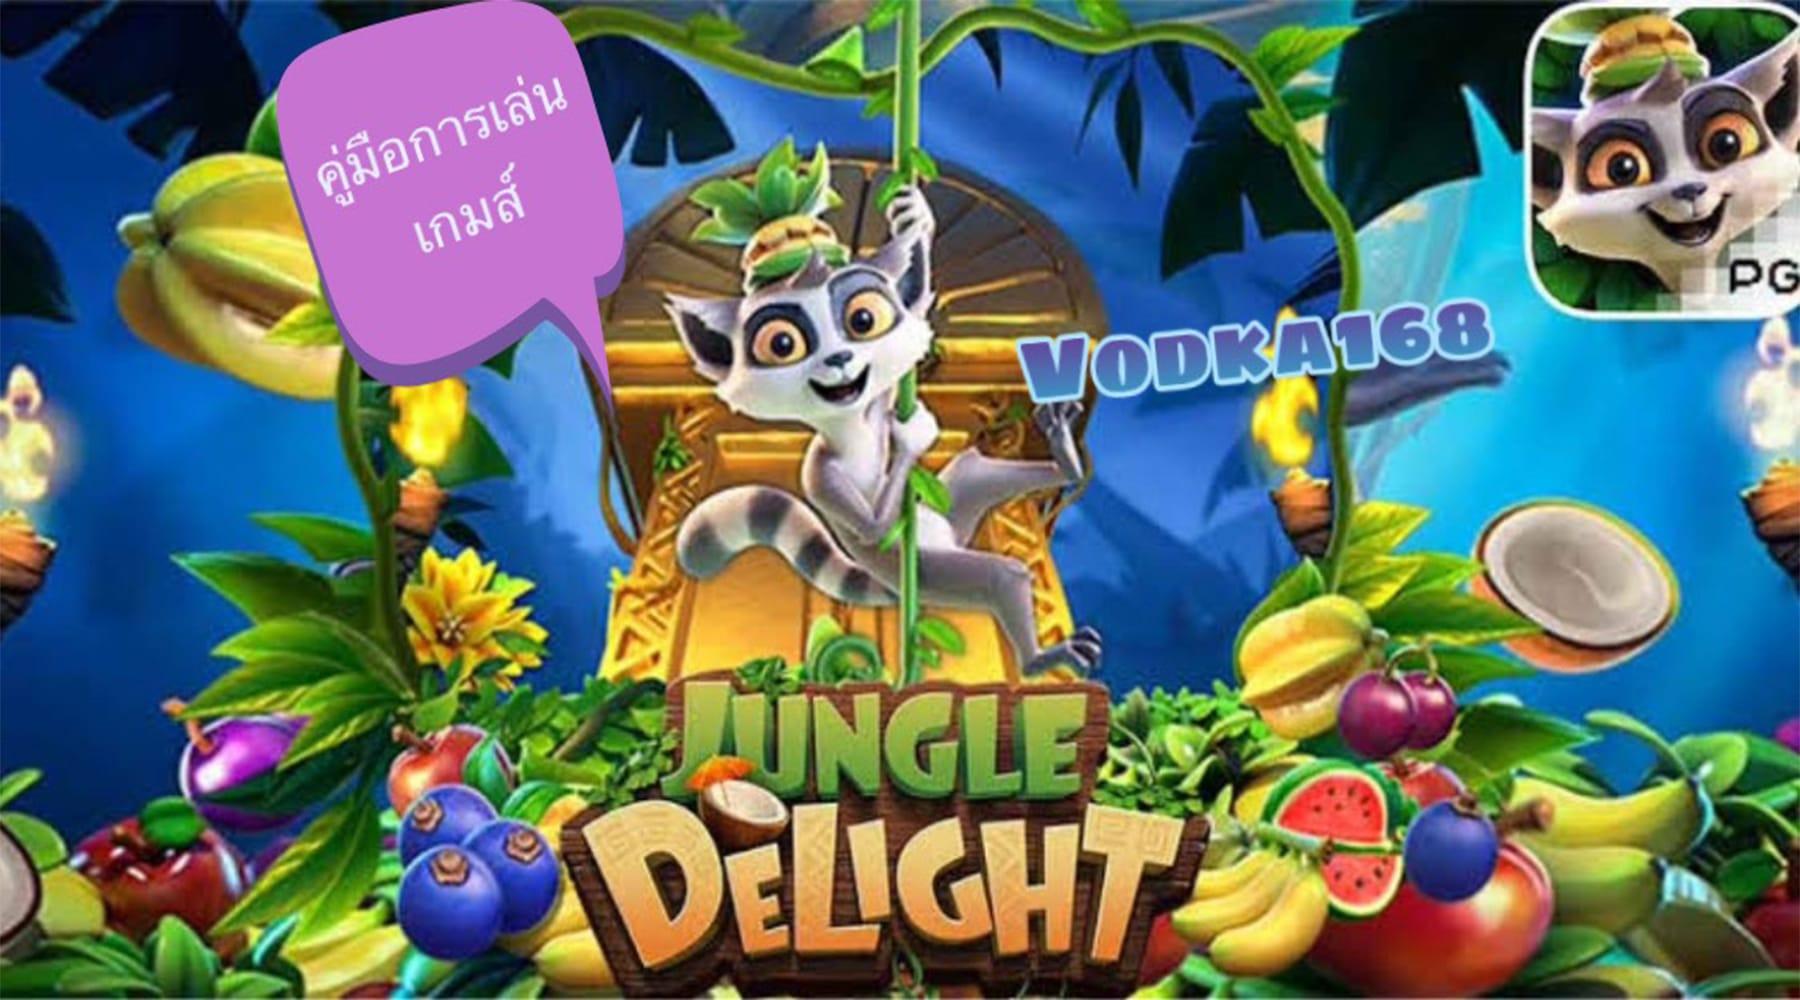 slot online pg Jungle Delight